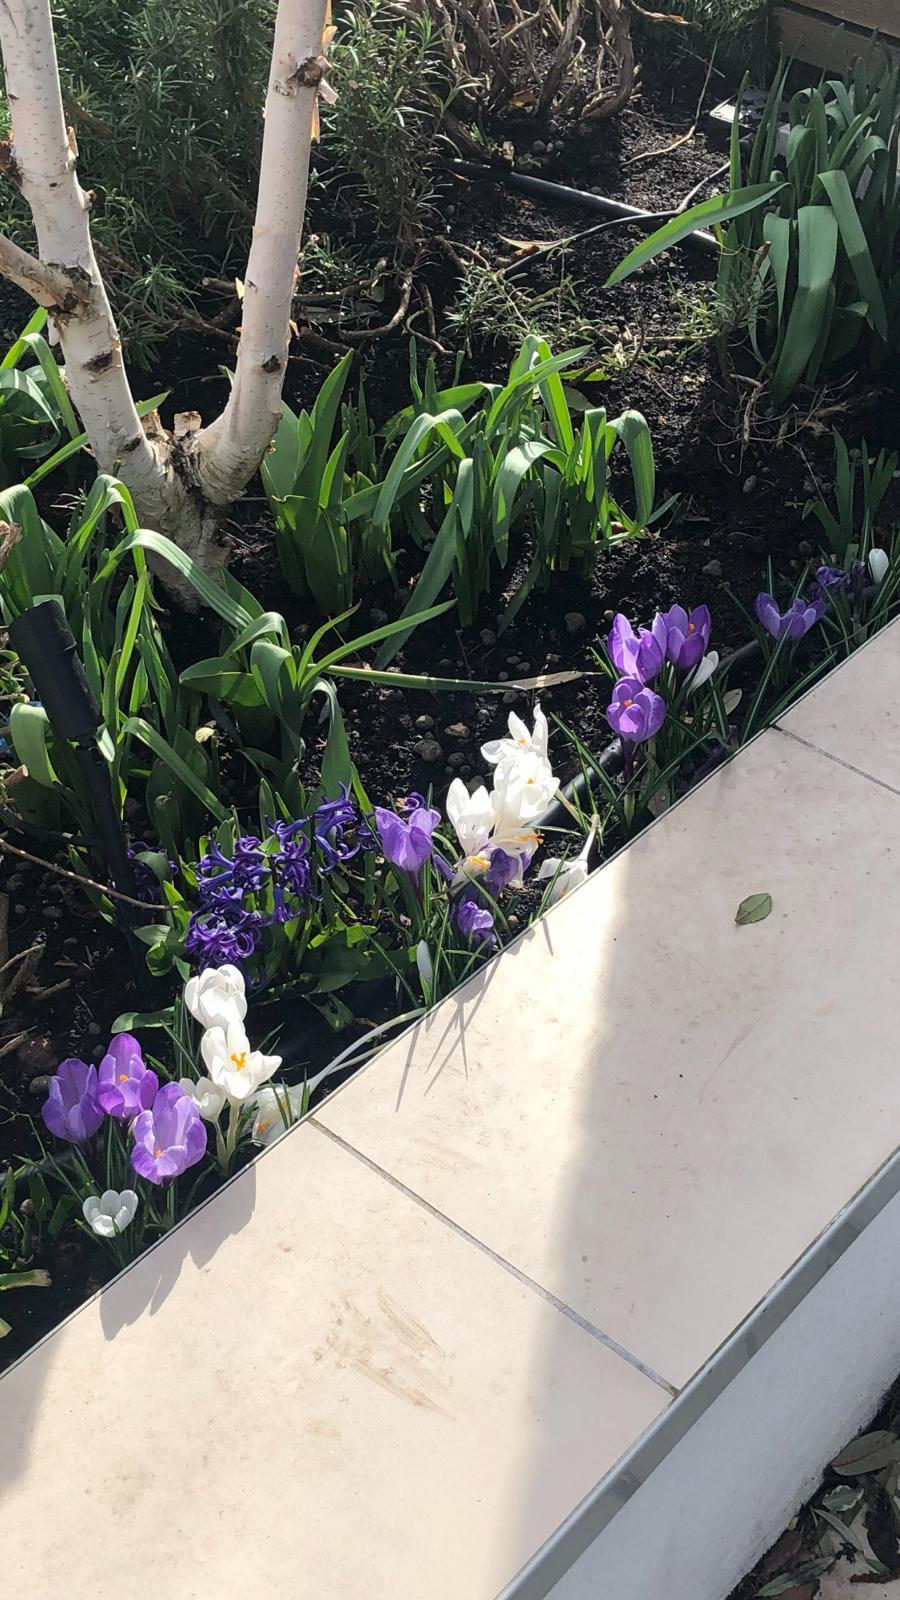 Crocus blooms in Balham